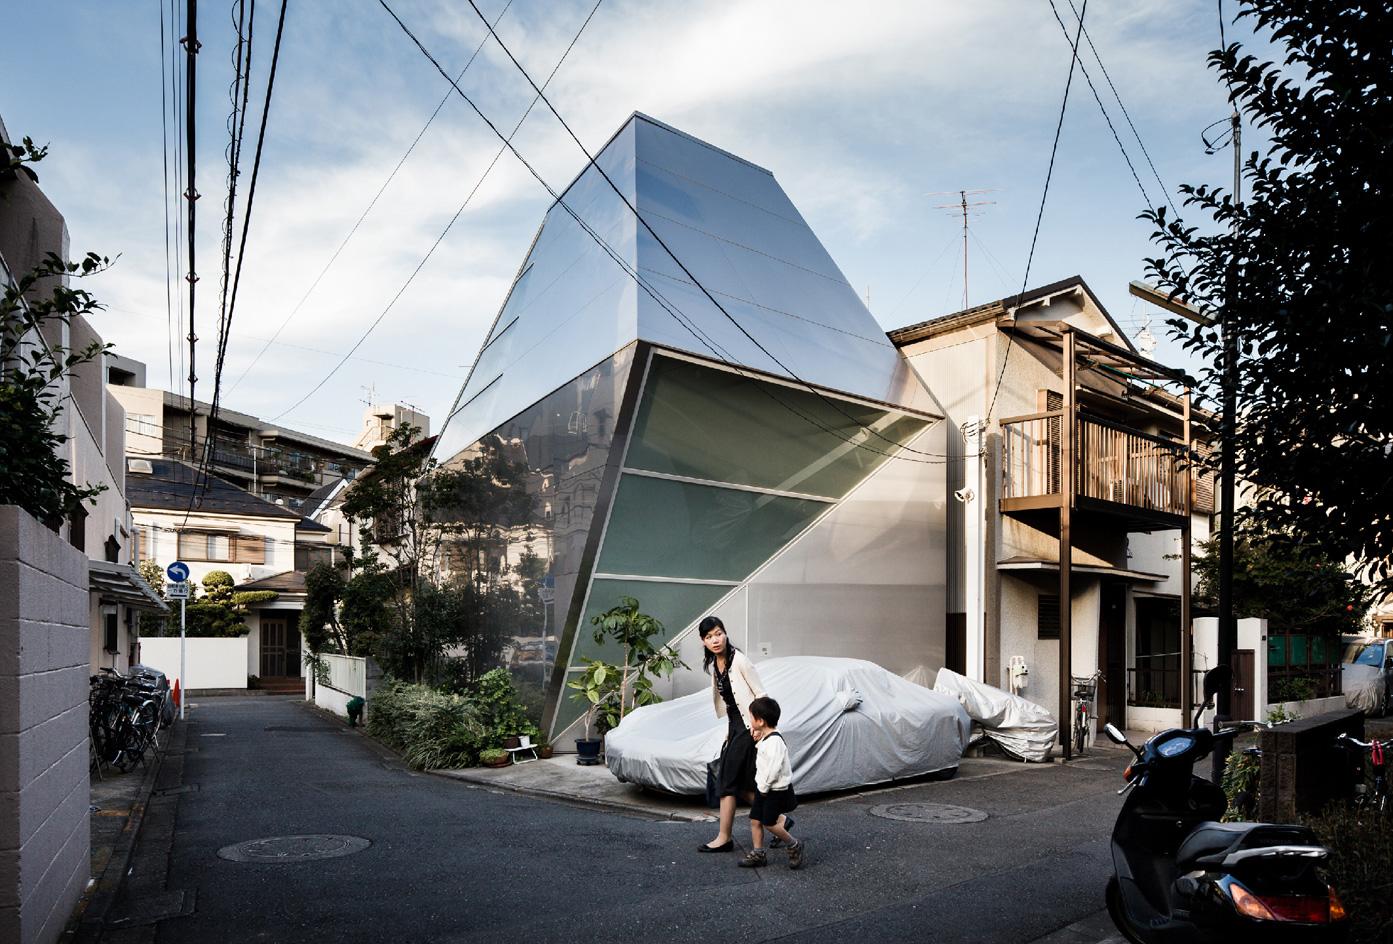 12-japan-archipelago-of-the-house.jpg